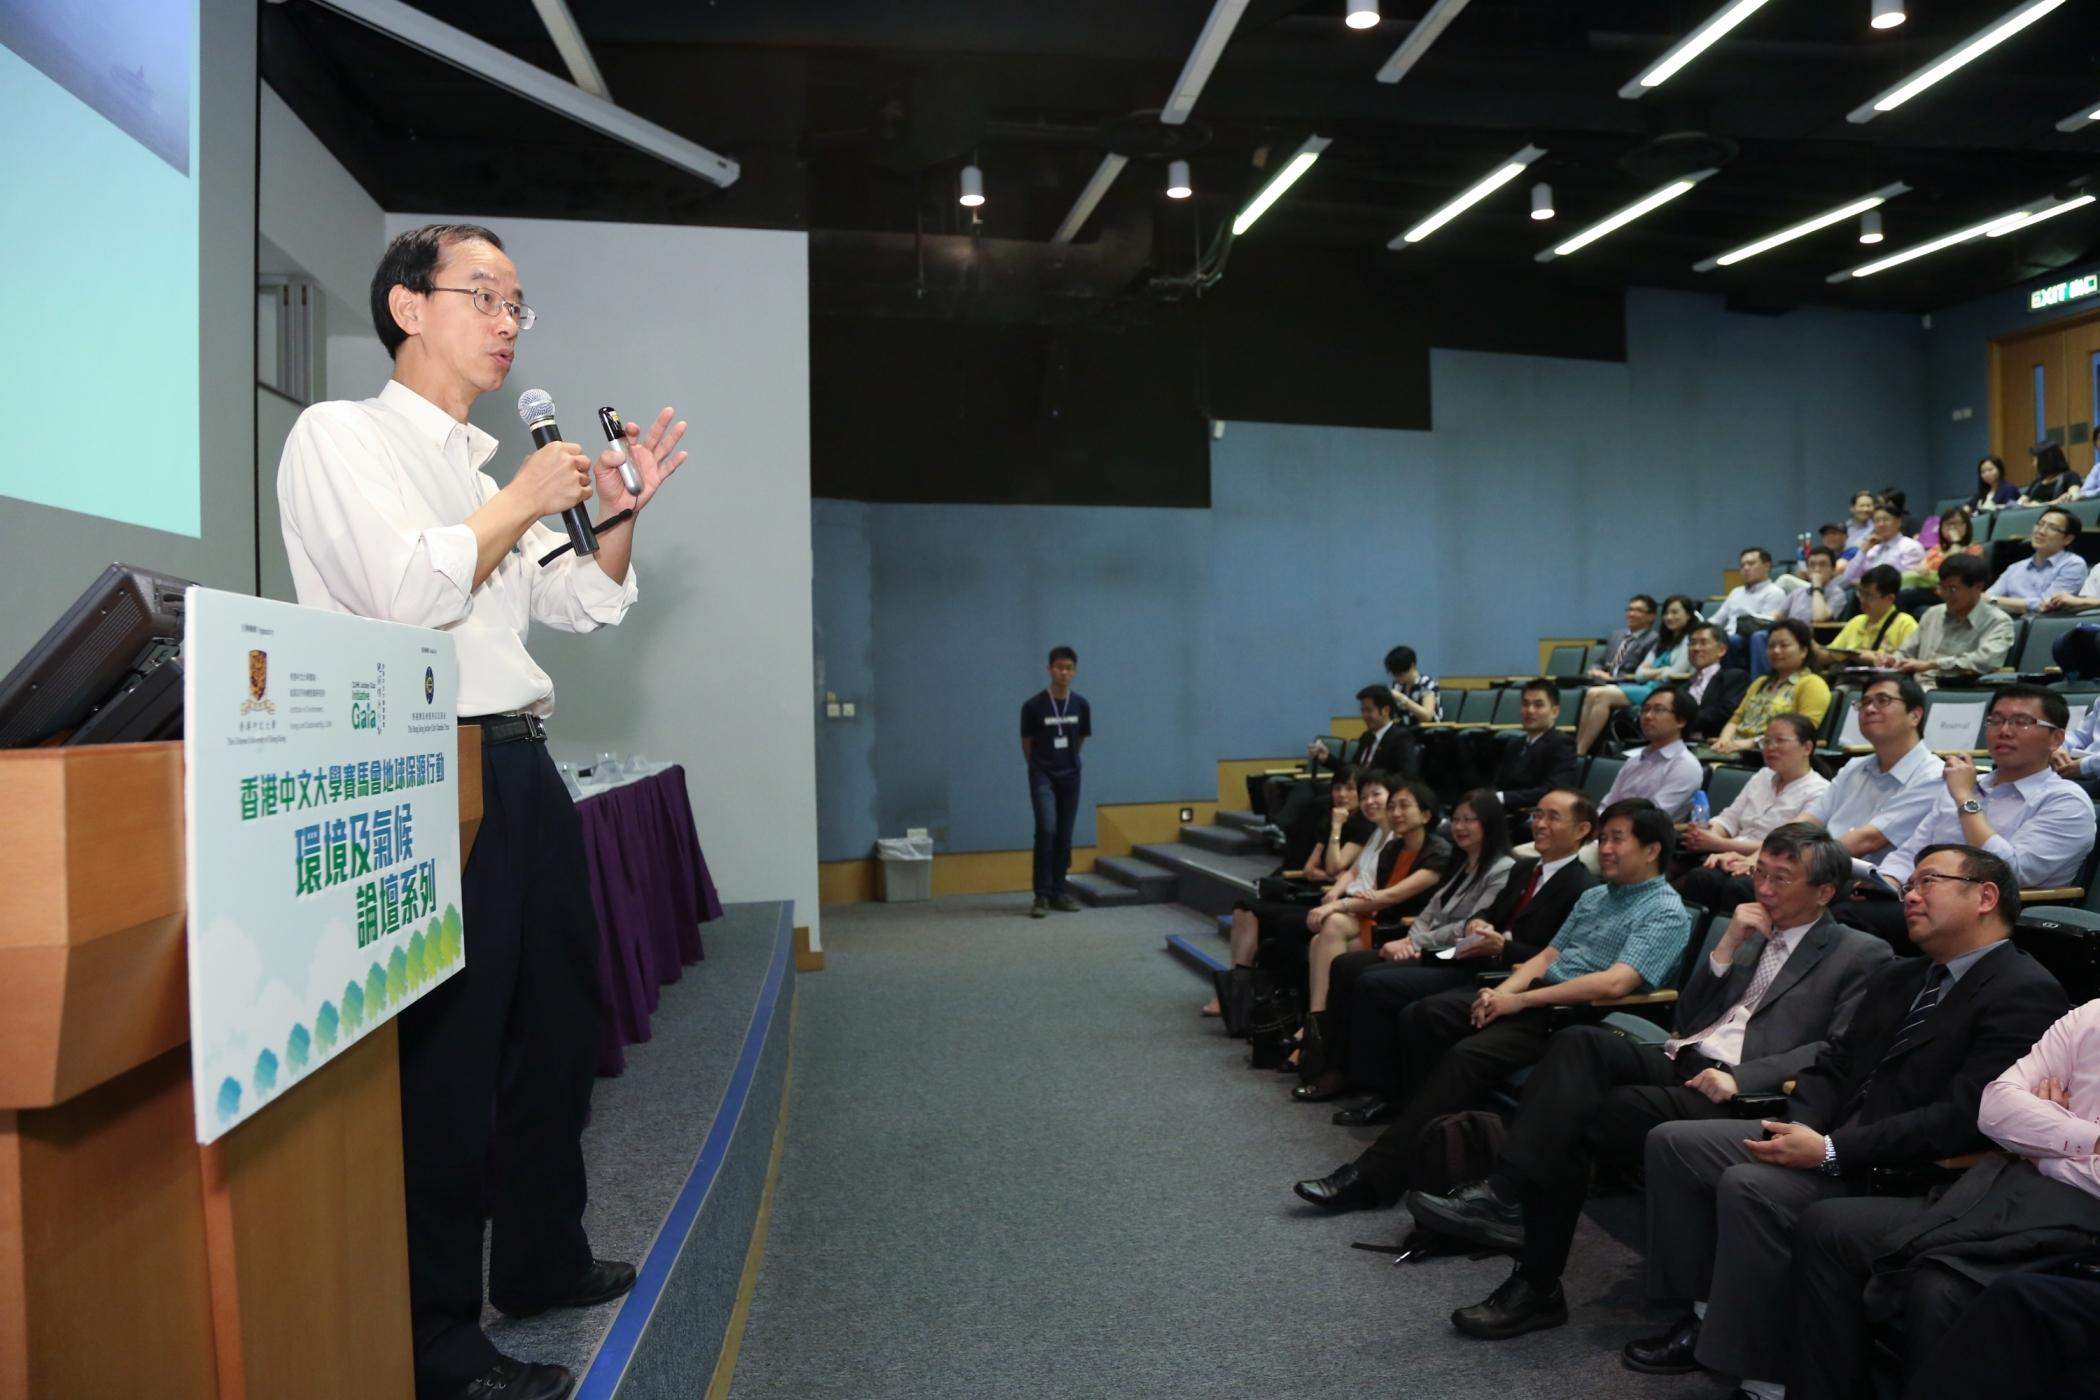 环境保护运动委员会主席暨前香港天文台台长林超英先生发表主题演讲。